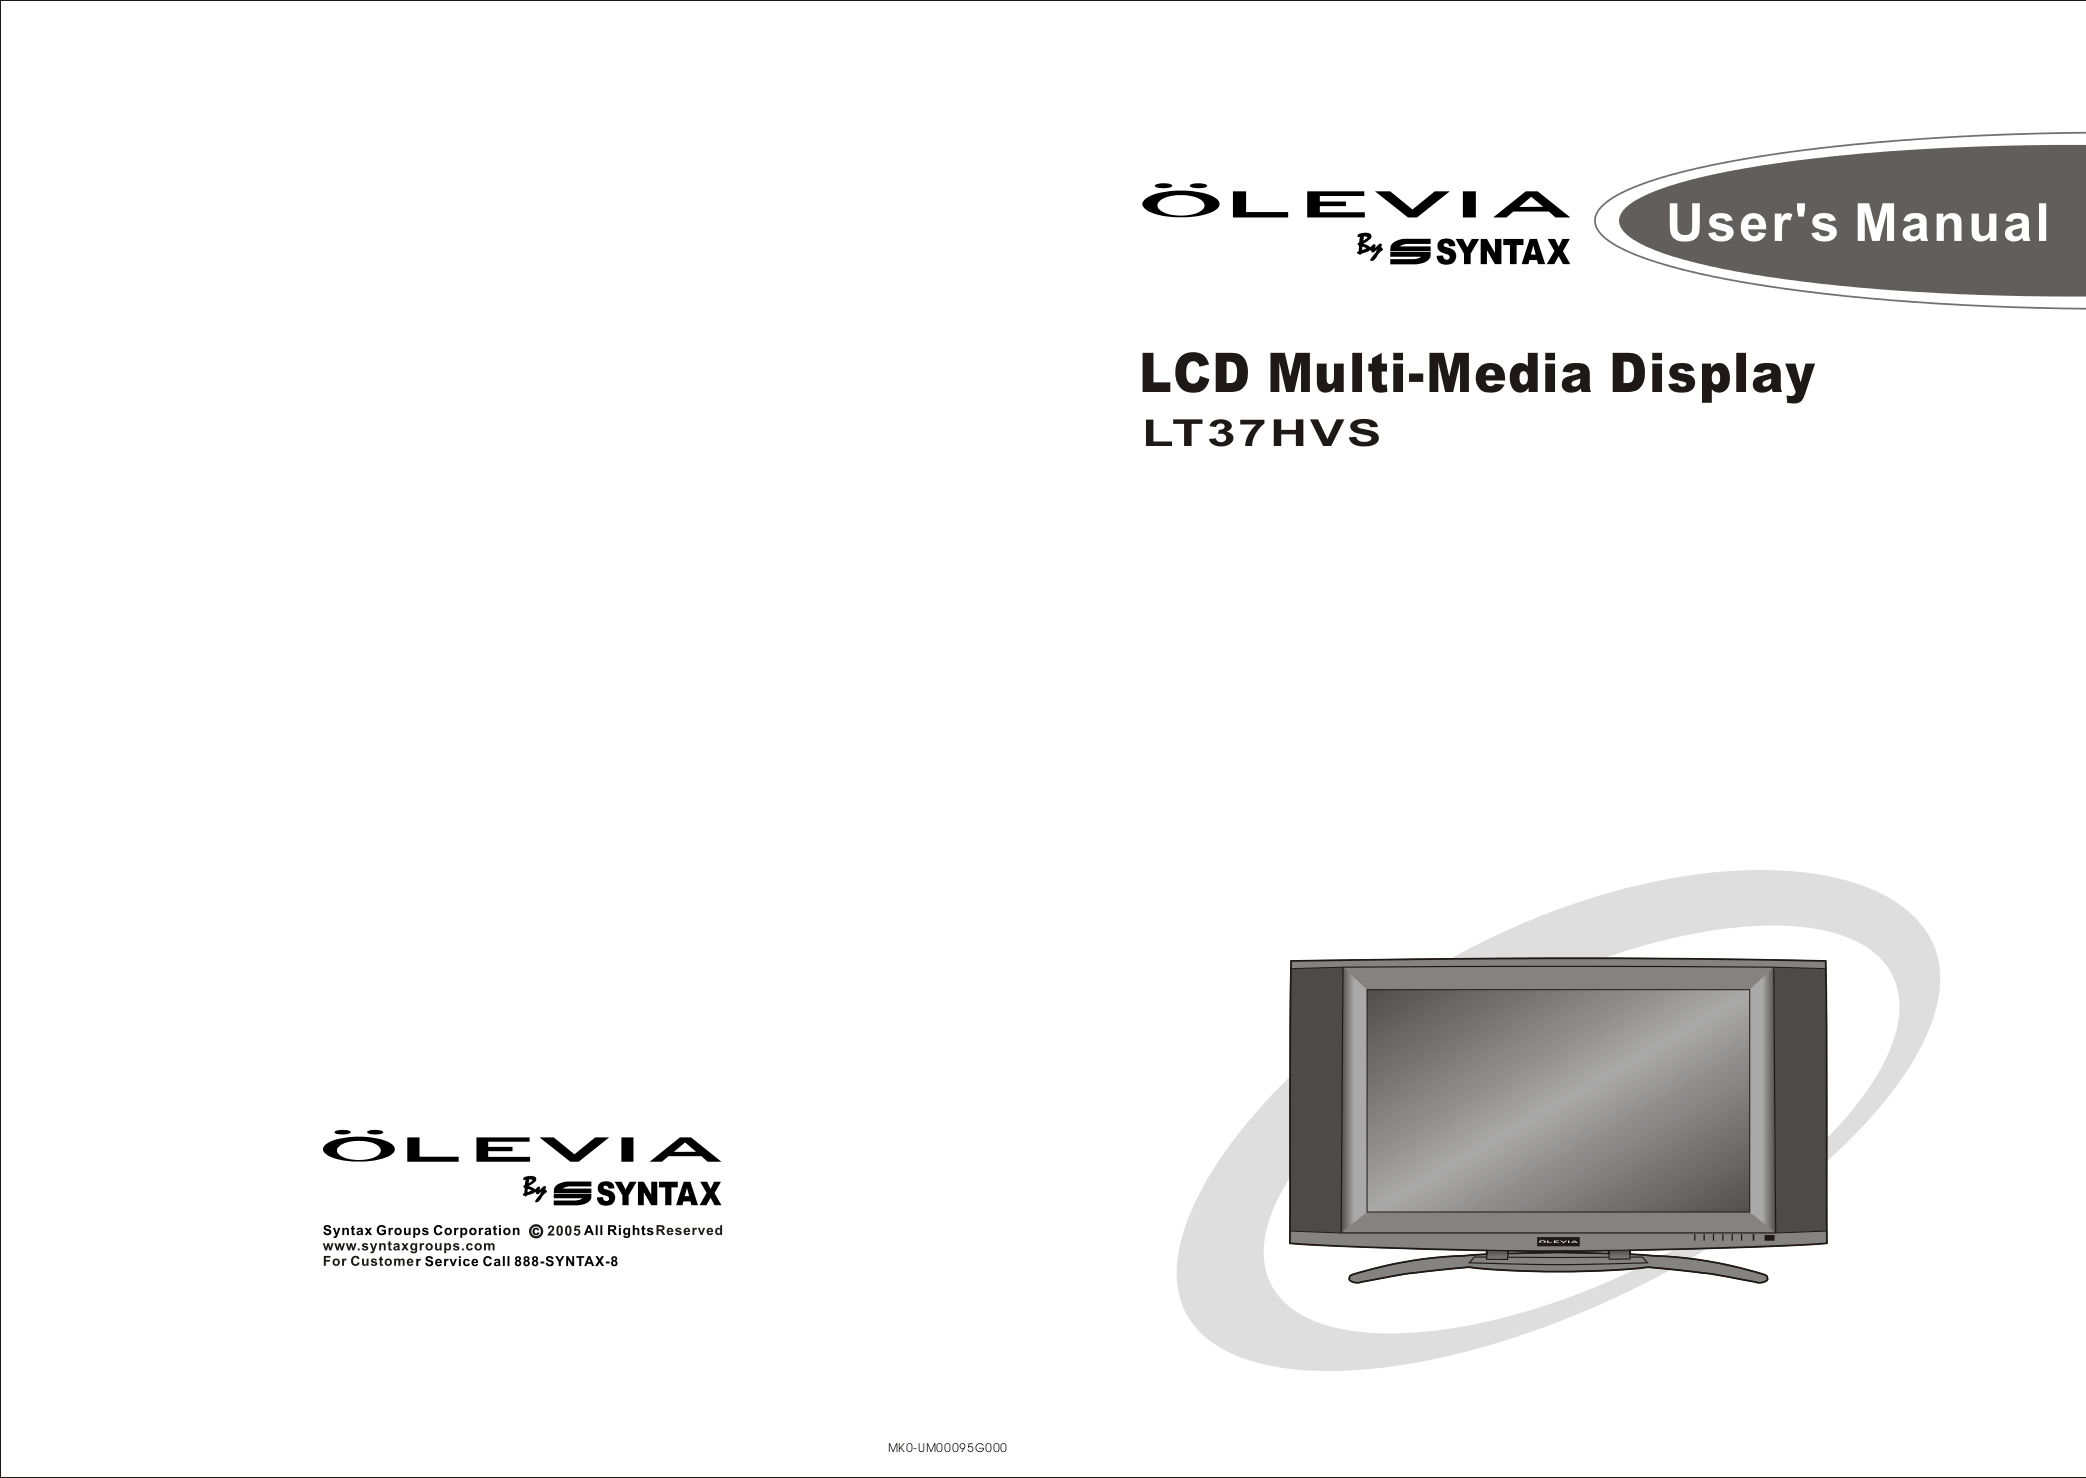 download free pdf for olevia 232v tv manual rh umlib com olevia tv 232-t12 manual olevia 232 s13 manual pdf